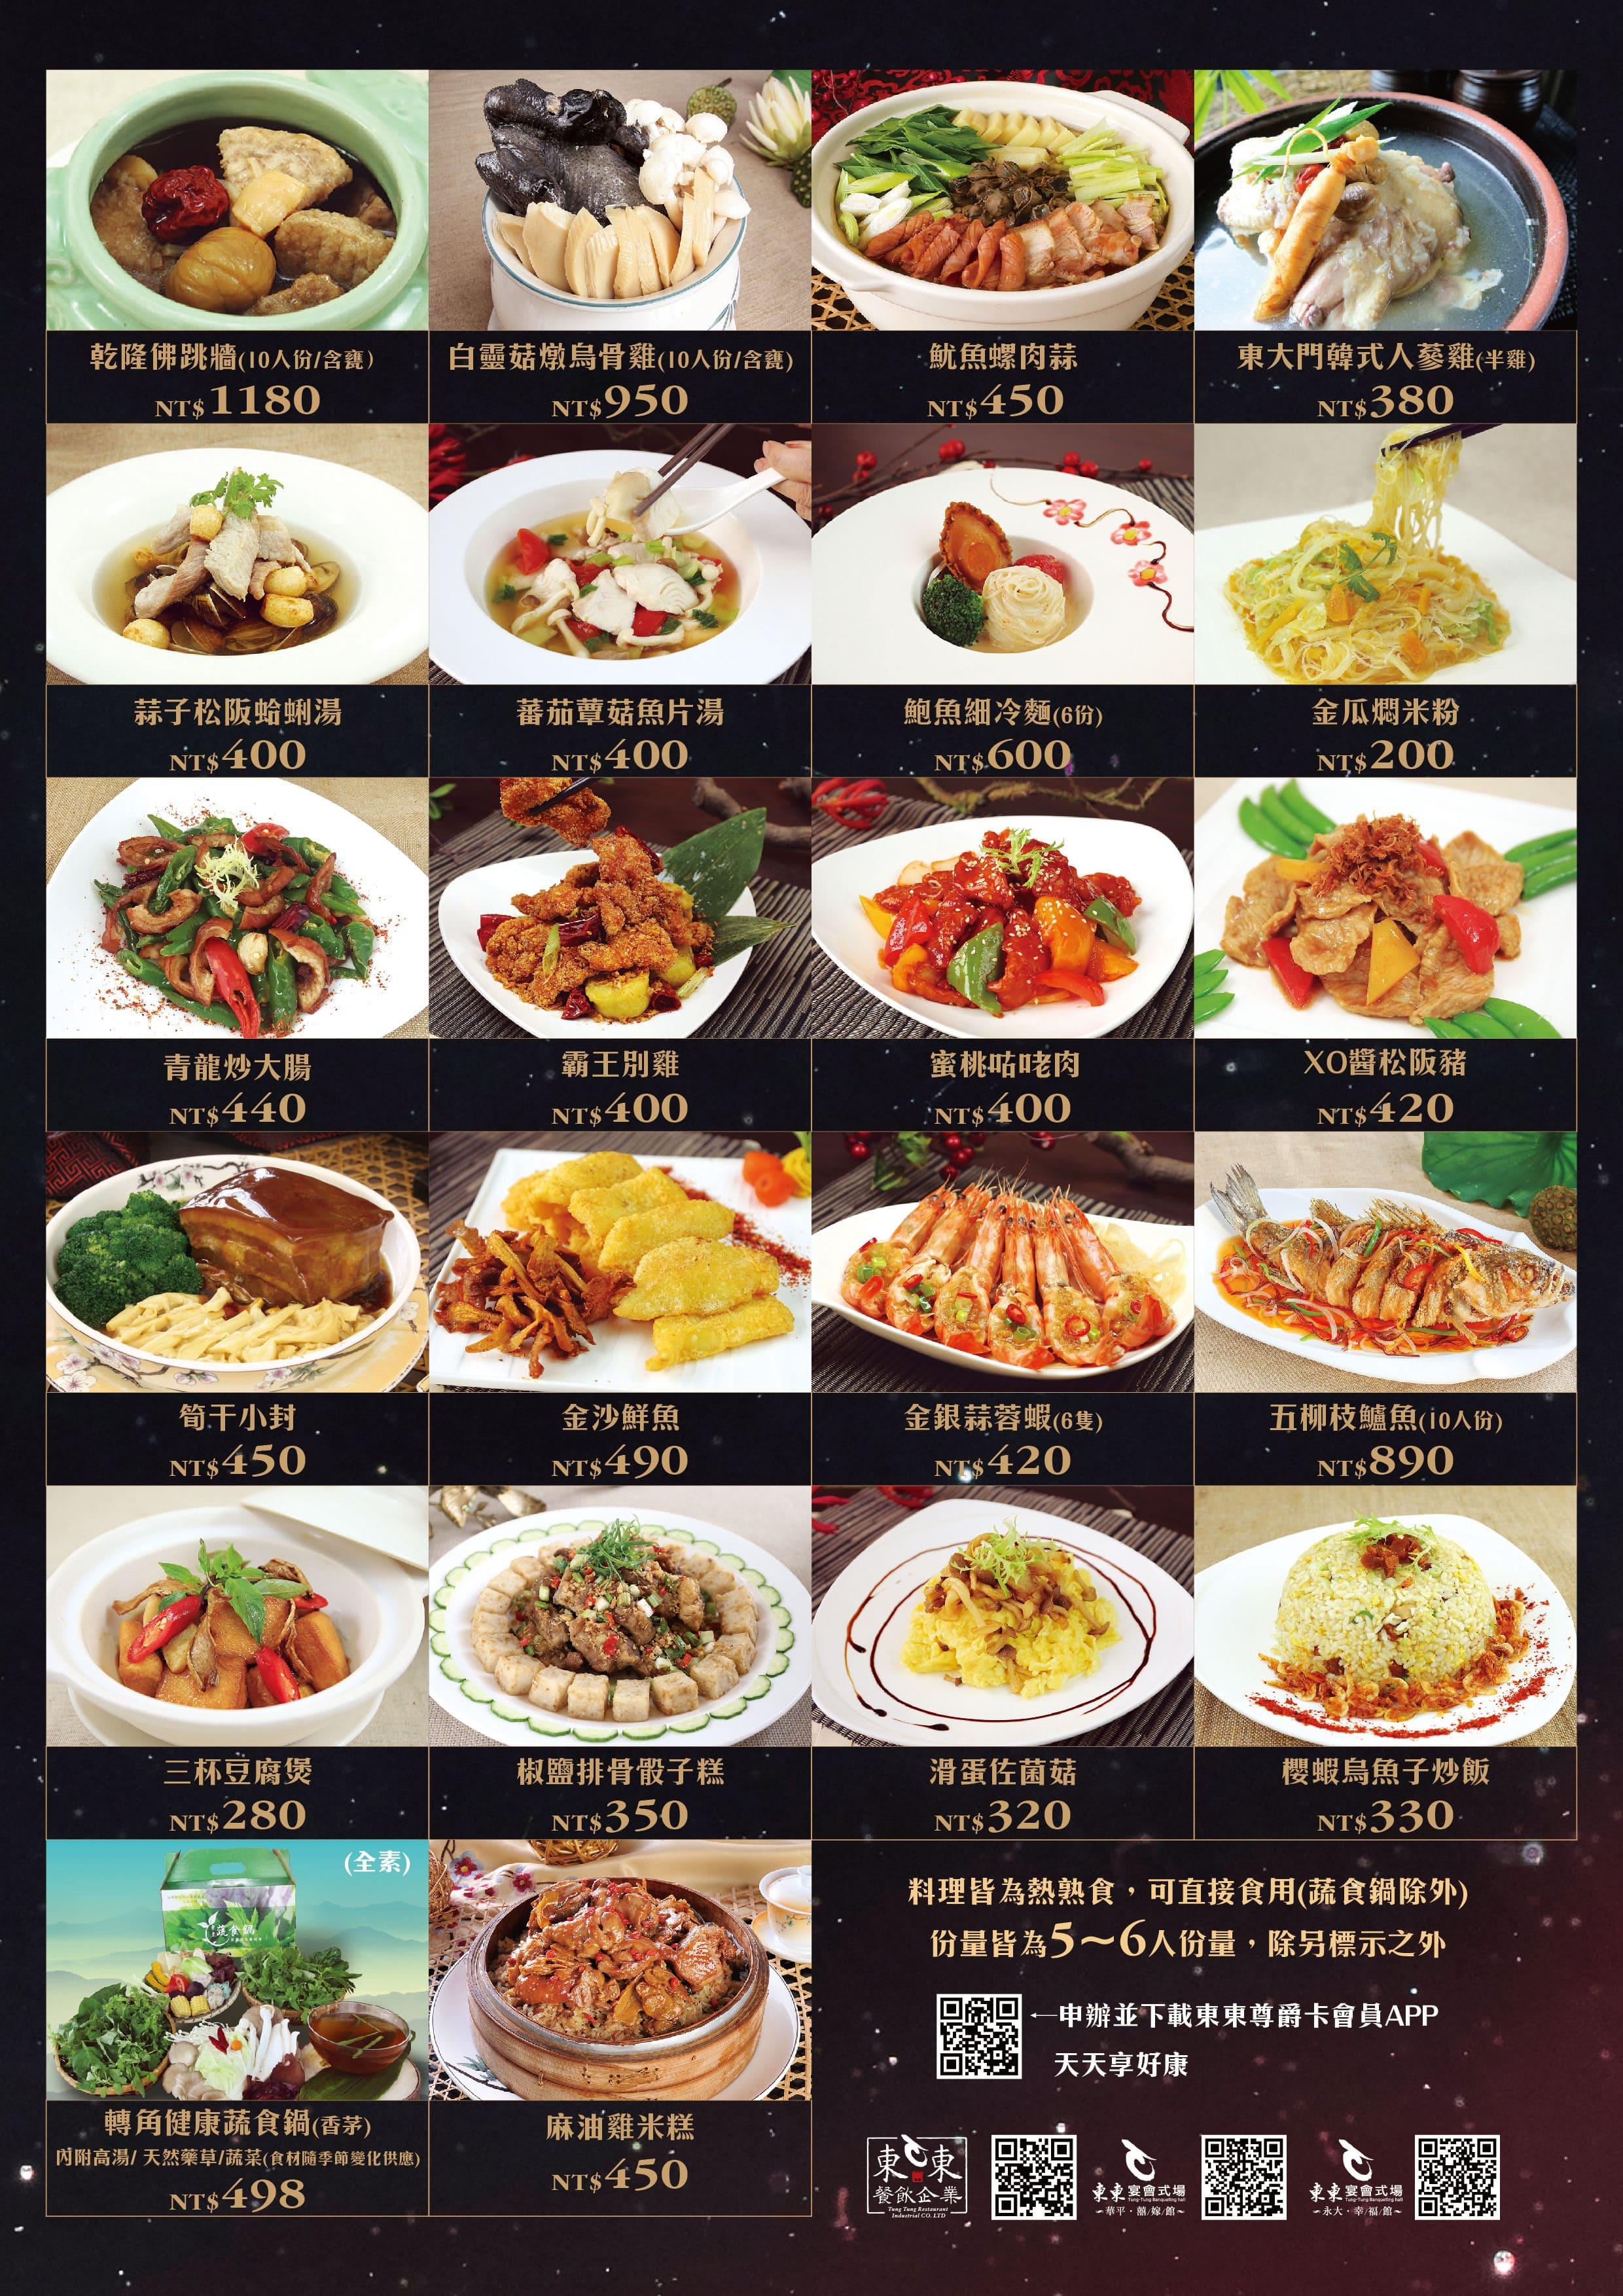 台南安平外送美食優惠